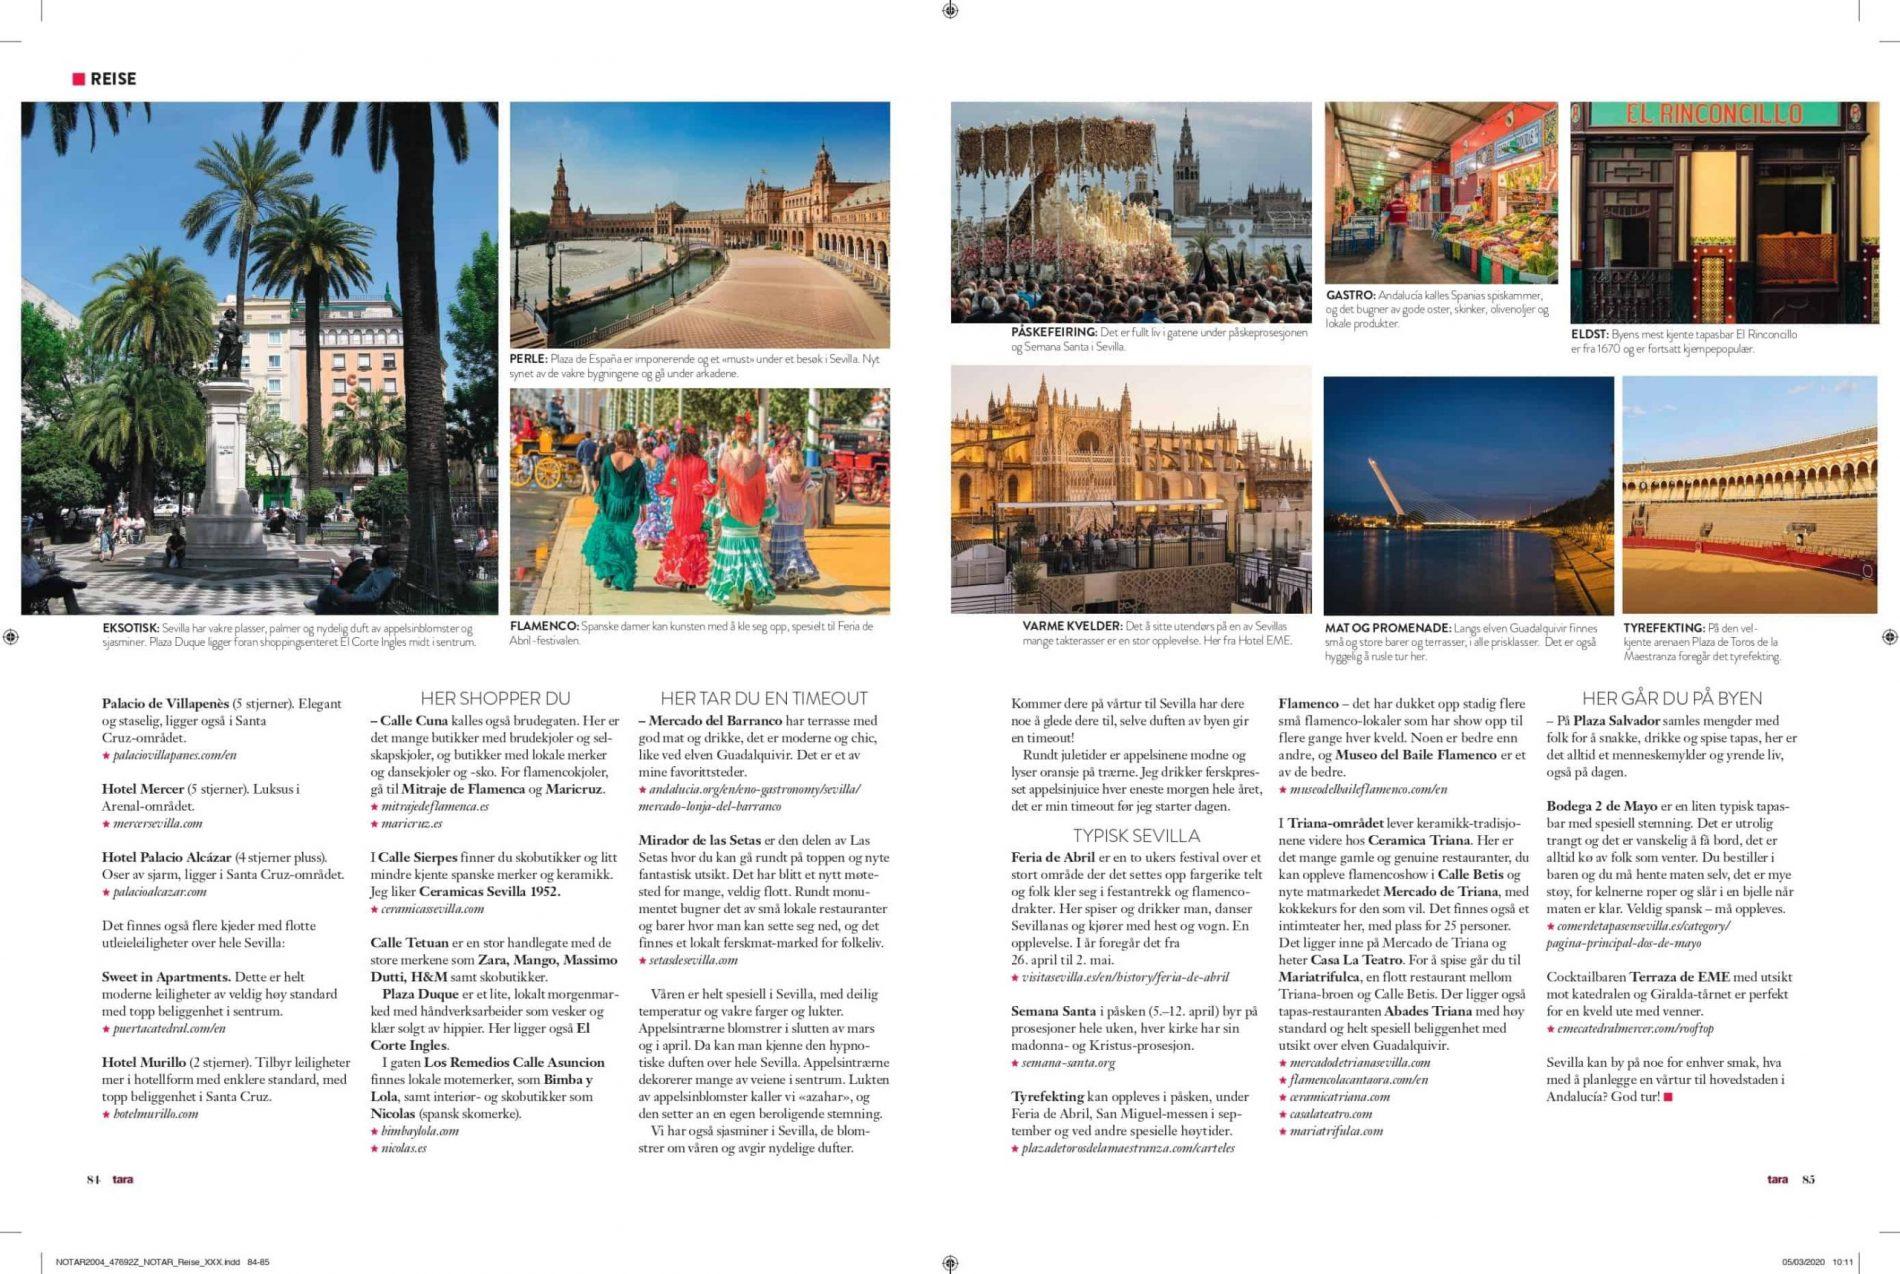 Tara Magasin reiseartikkel om hotel, mat, opplevelser